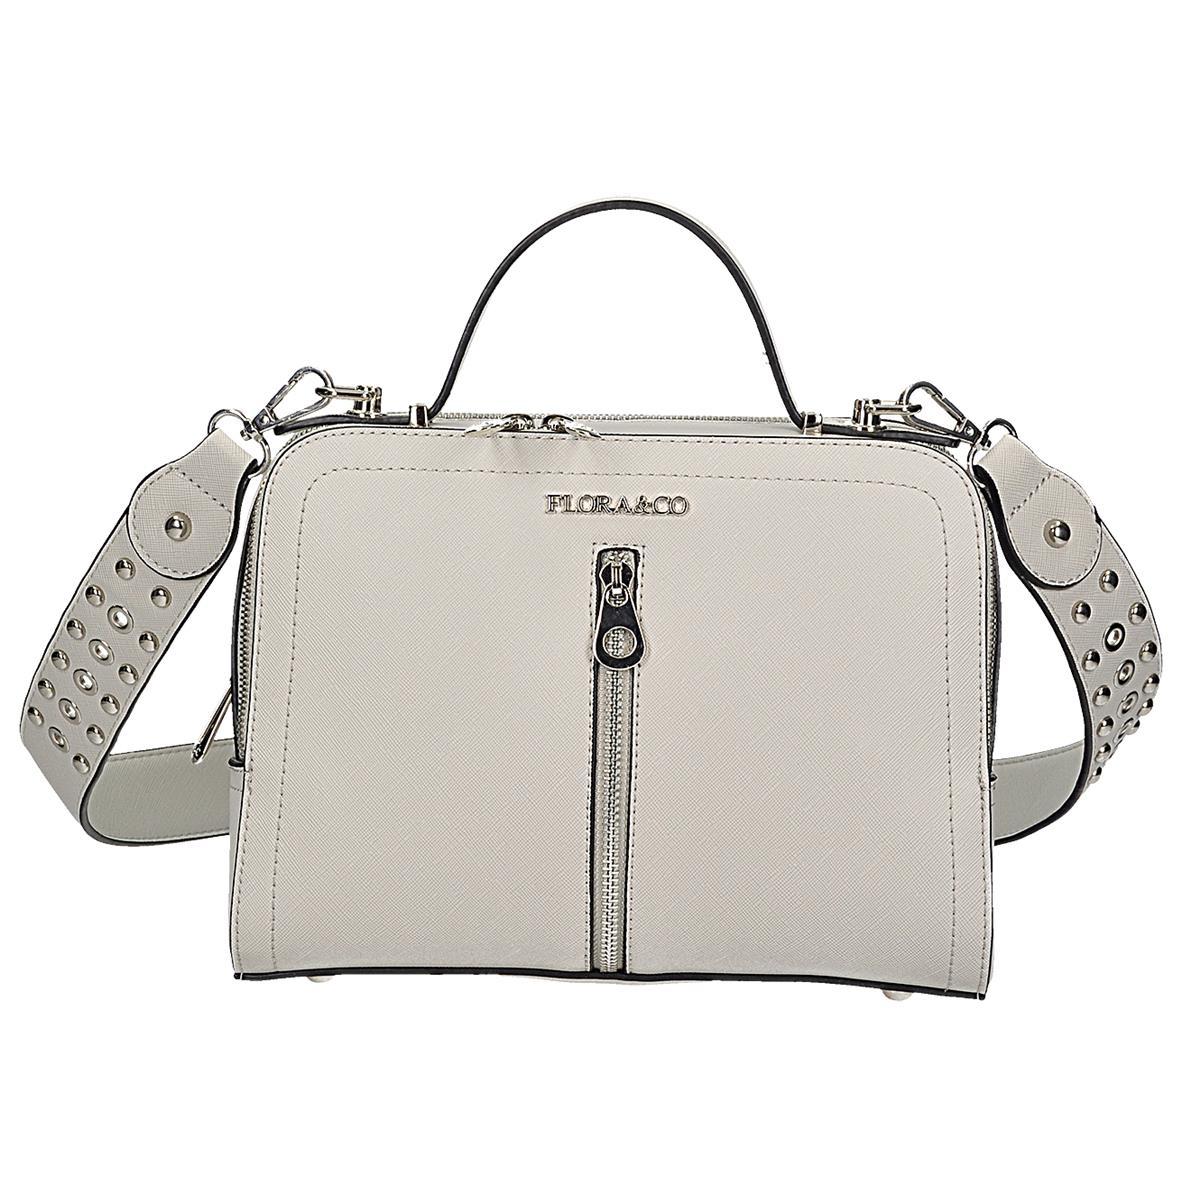 Menší šedá kabelka-kufřík, má 2 stylově odlišné řemínky